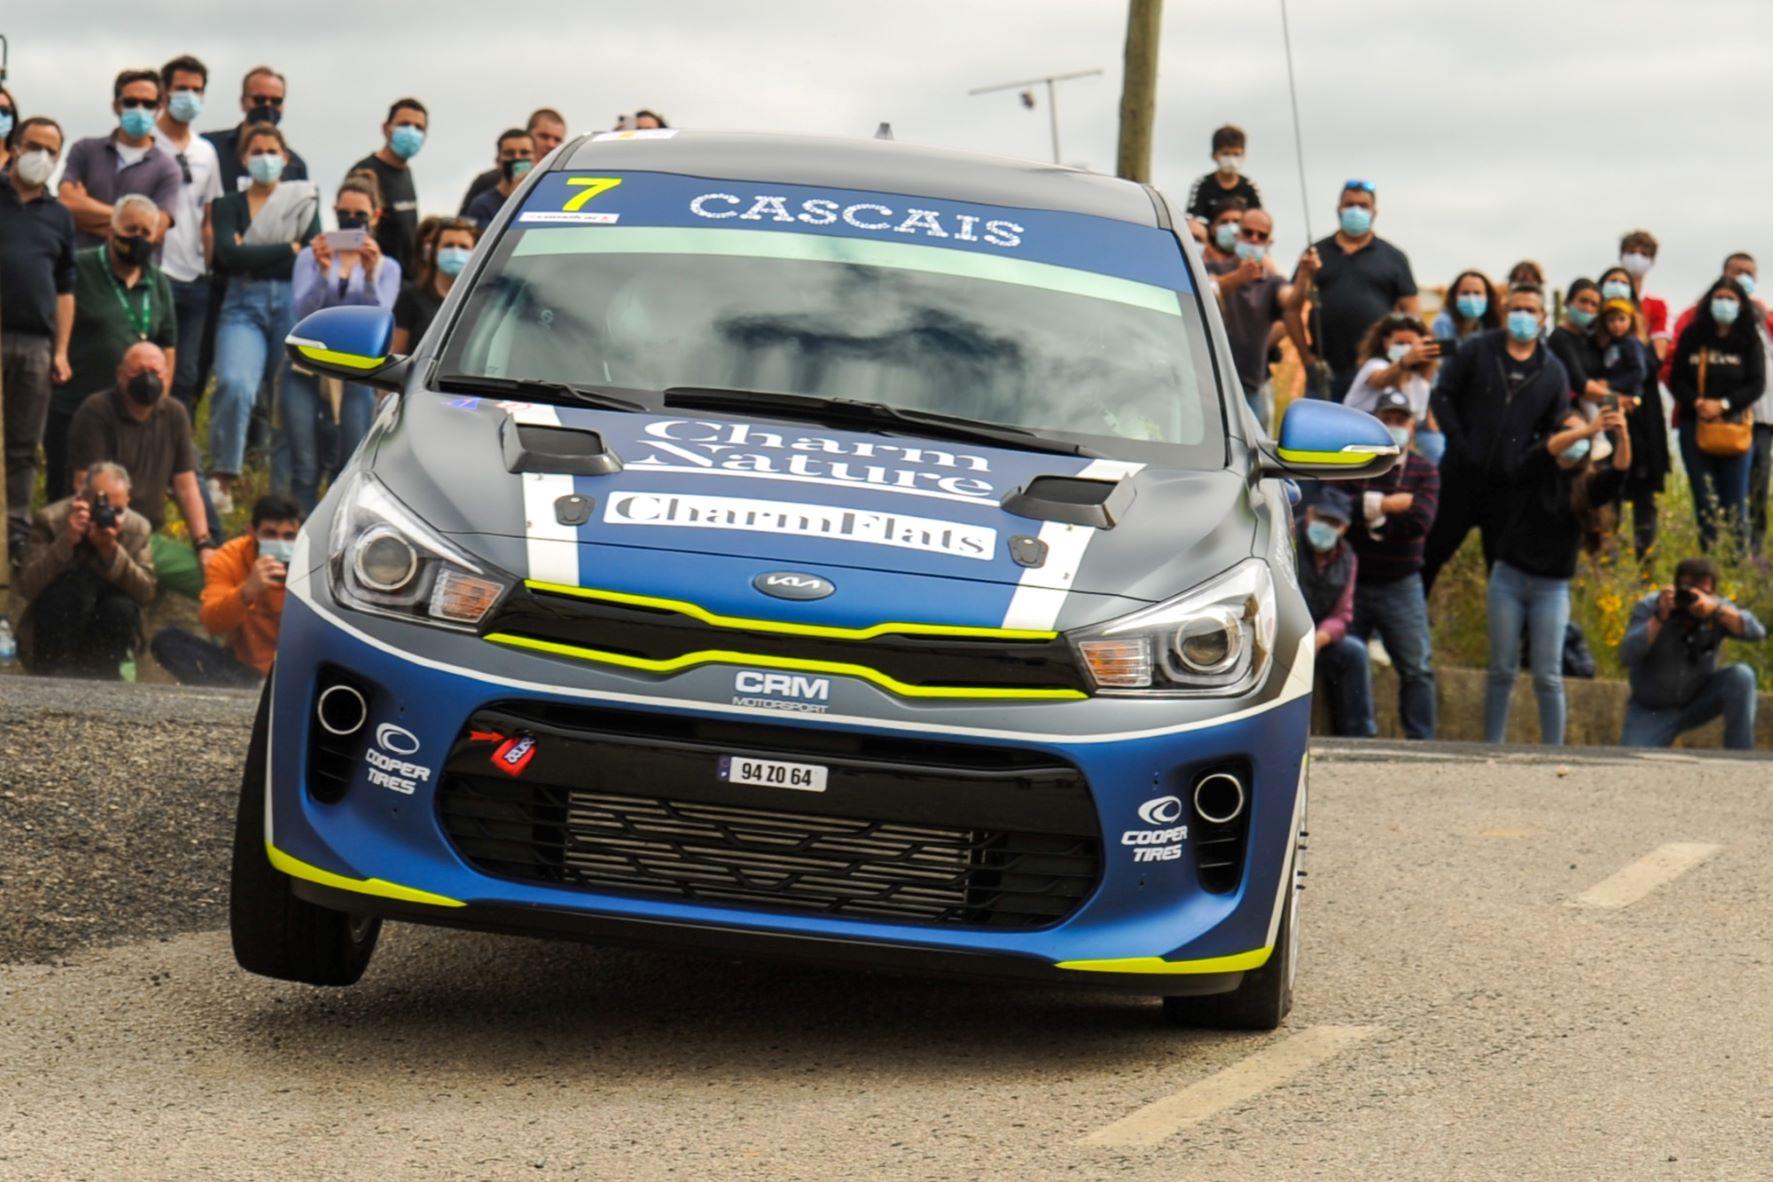 Rali do Vidreiro acolhe regresso do Rio e última jornada do Kia Rally Cup 23